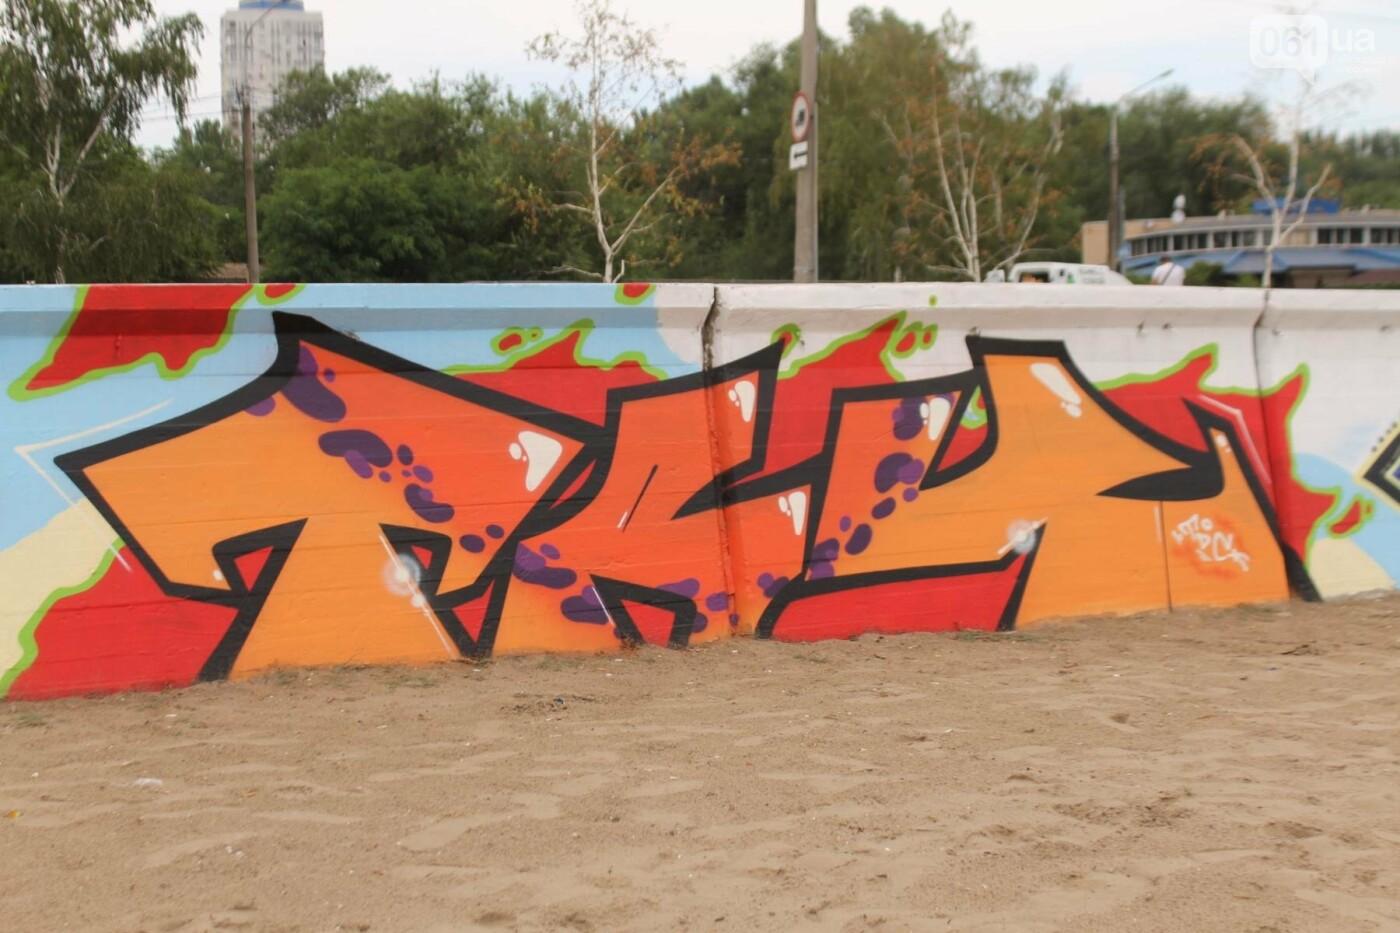 В Запорожье на пляже закончился фестиваль граффити: разрисовали 150 метров бетонной стены, – ФОТОРЕПОРТАЖ, фото-16